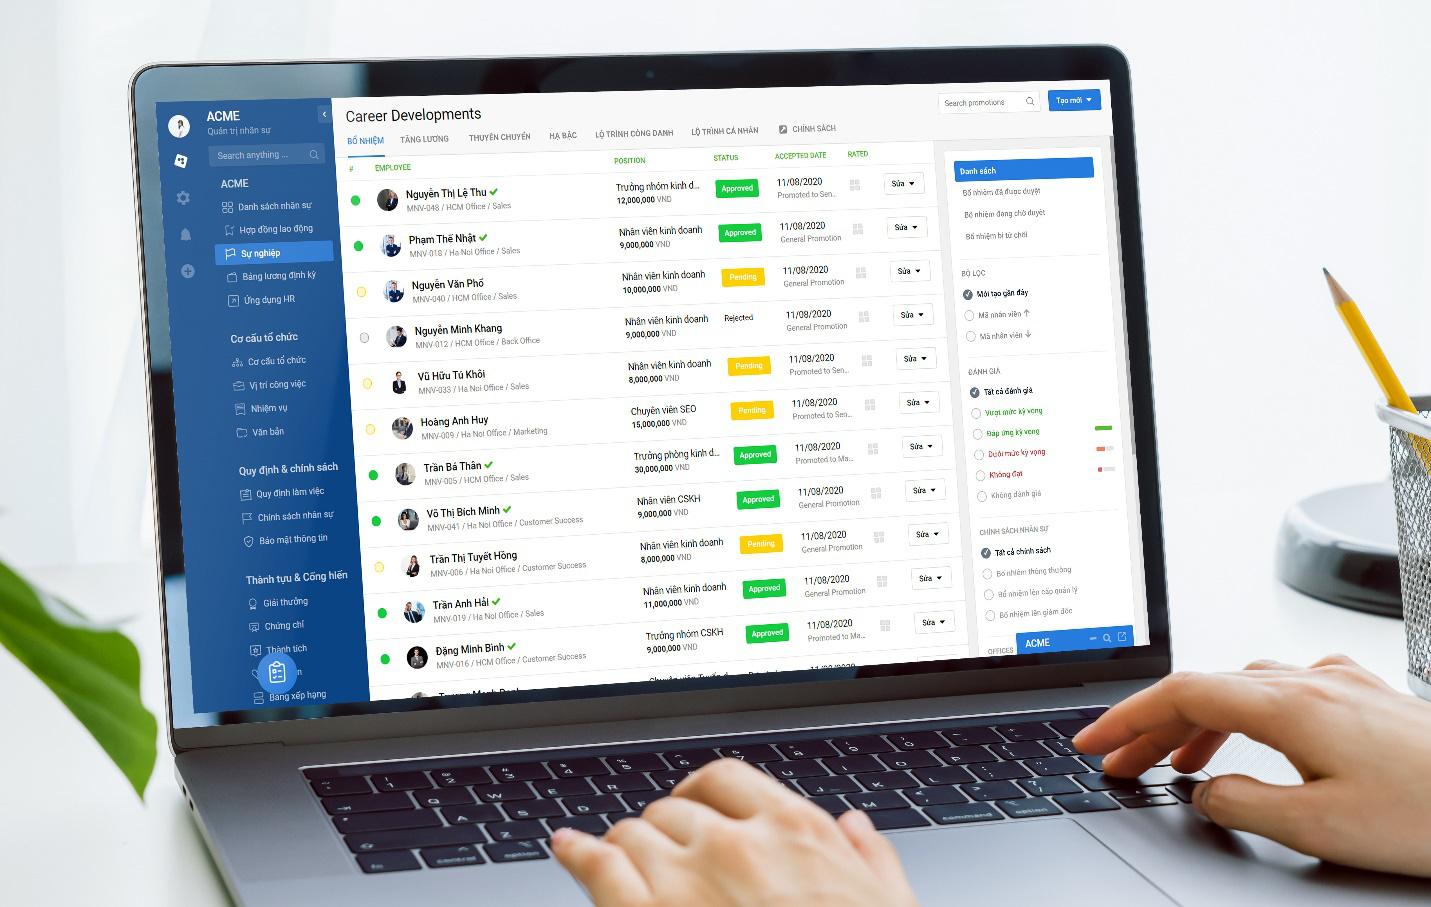 BASE ra mắt bộ sản phẩm BASE HRM để giải quyết các bài toán quan trọng nhất  về quản trị nhân sự